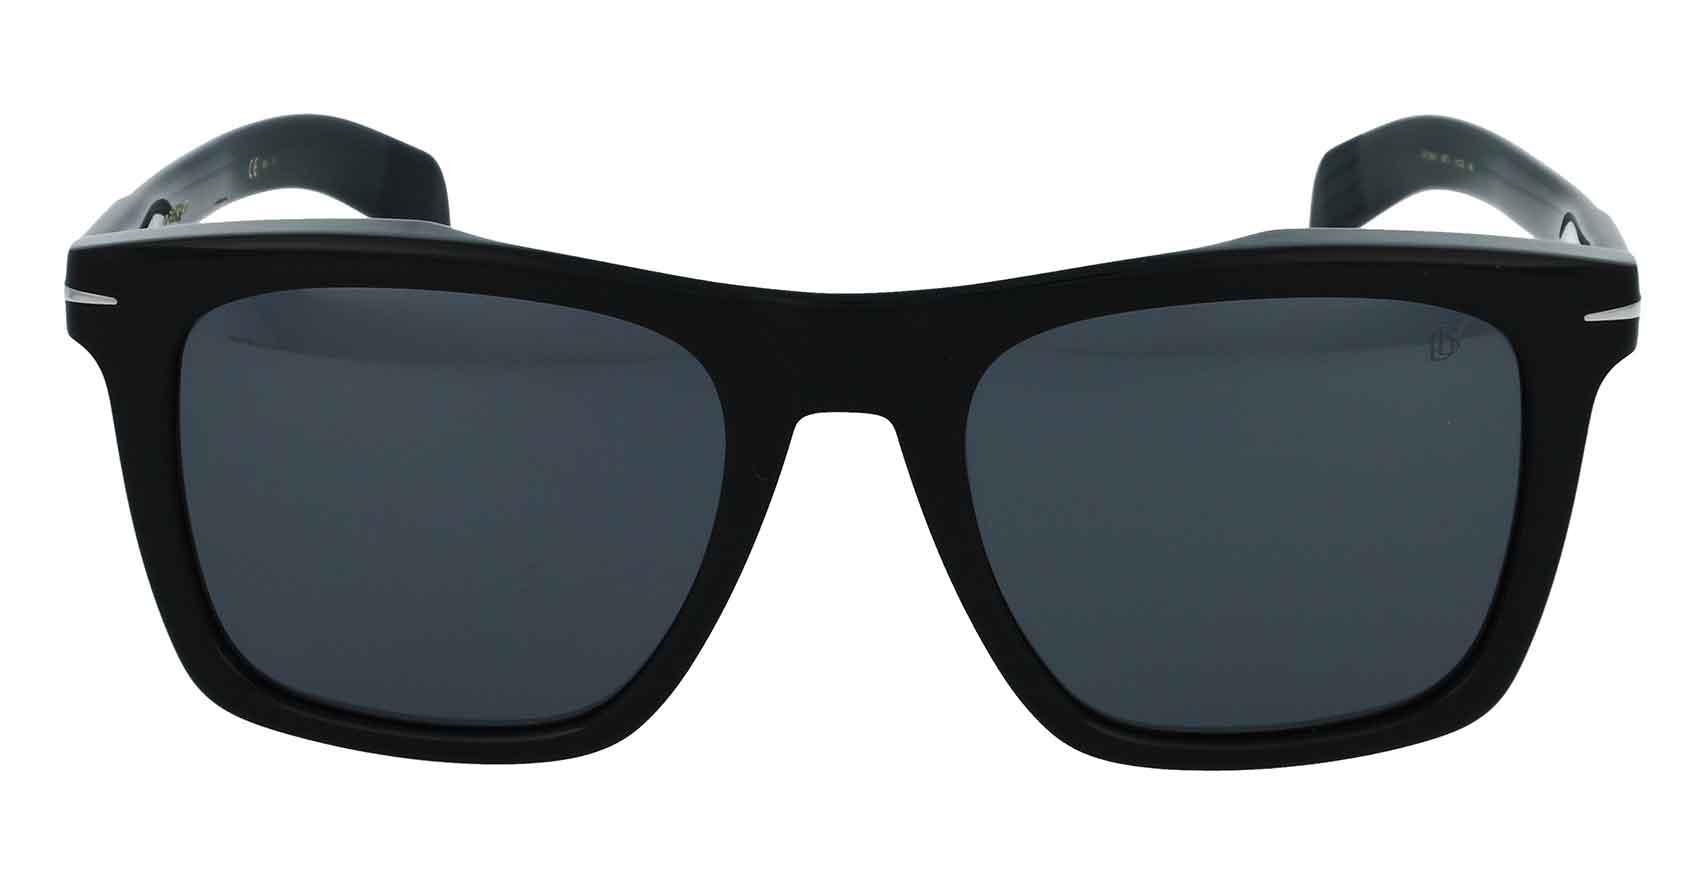 קולקציית דויד בקהאם רשת אירוקה-טרנדים משקפי שמש